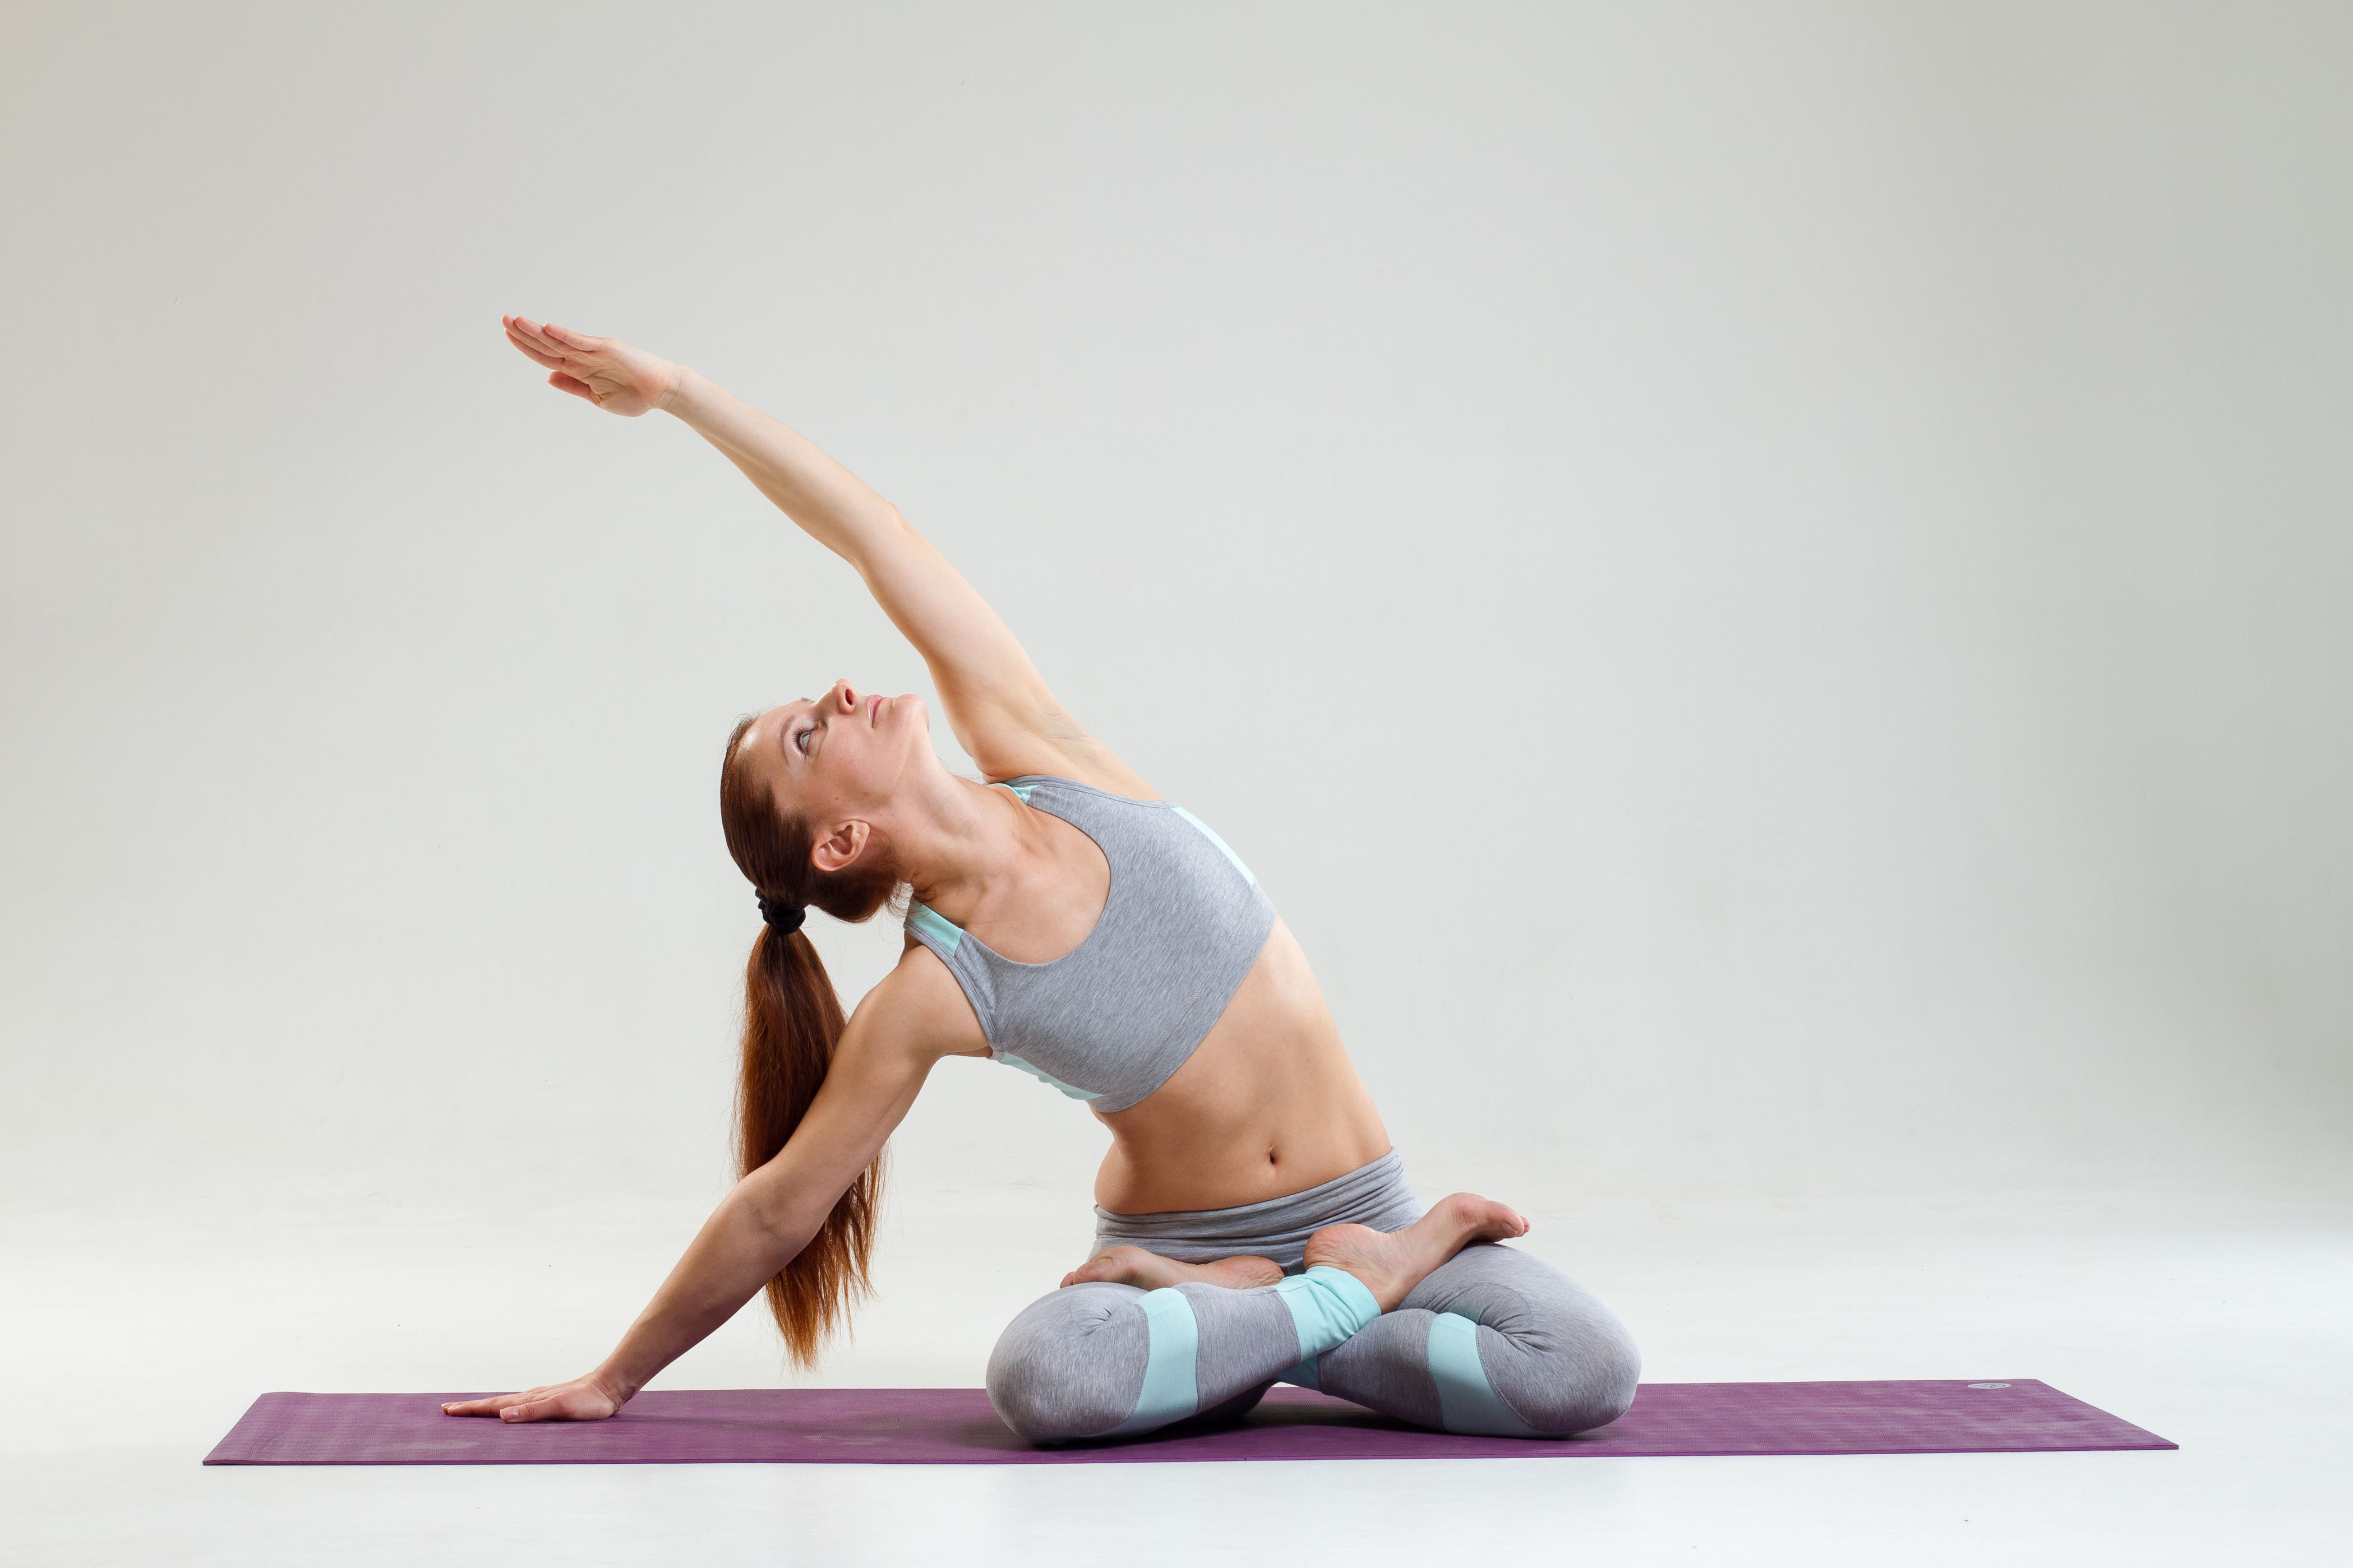 ошибки в практике йоги